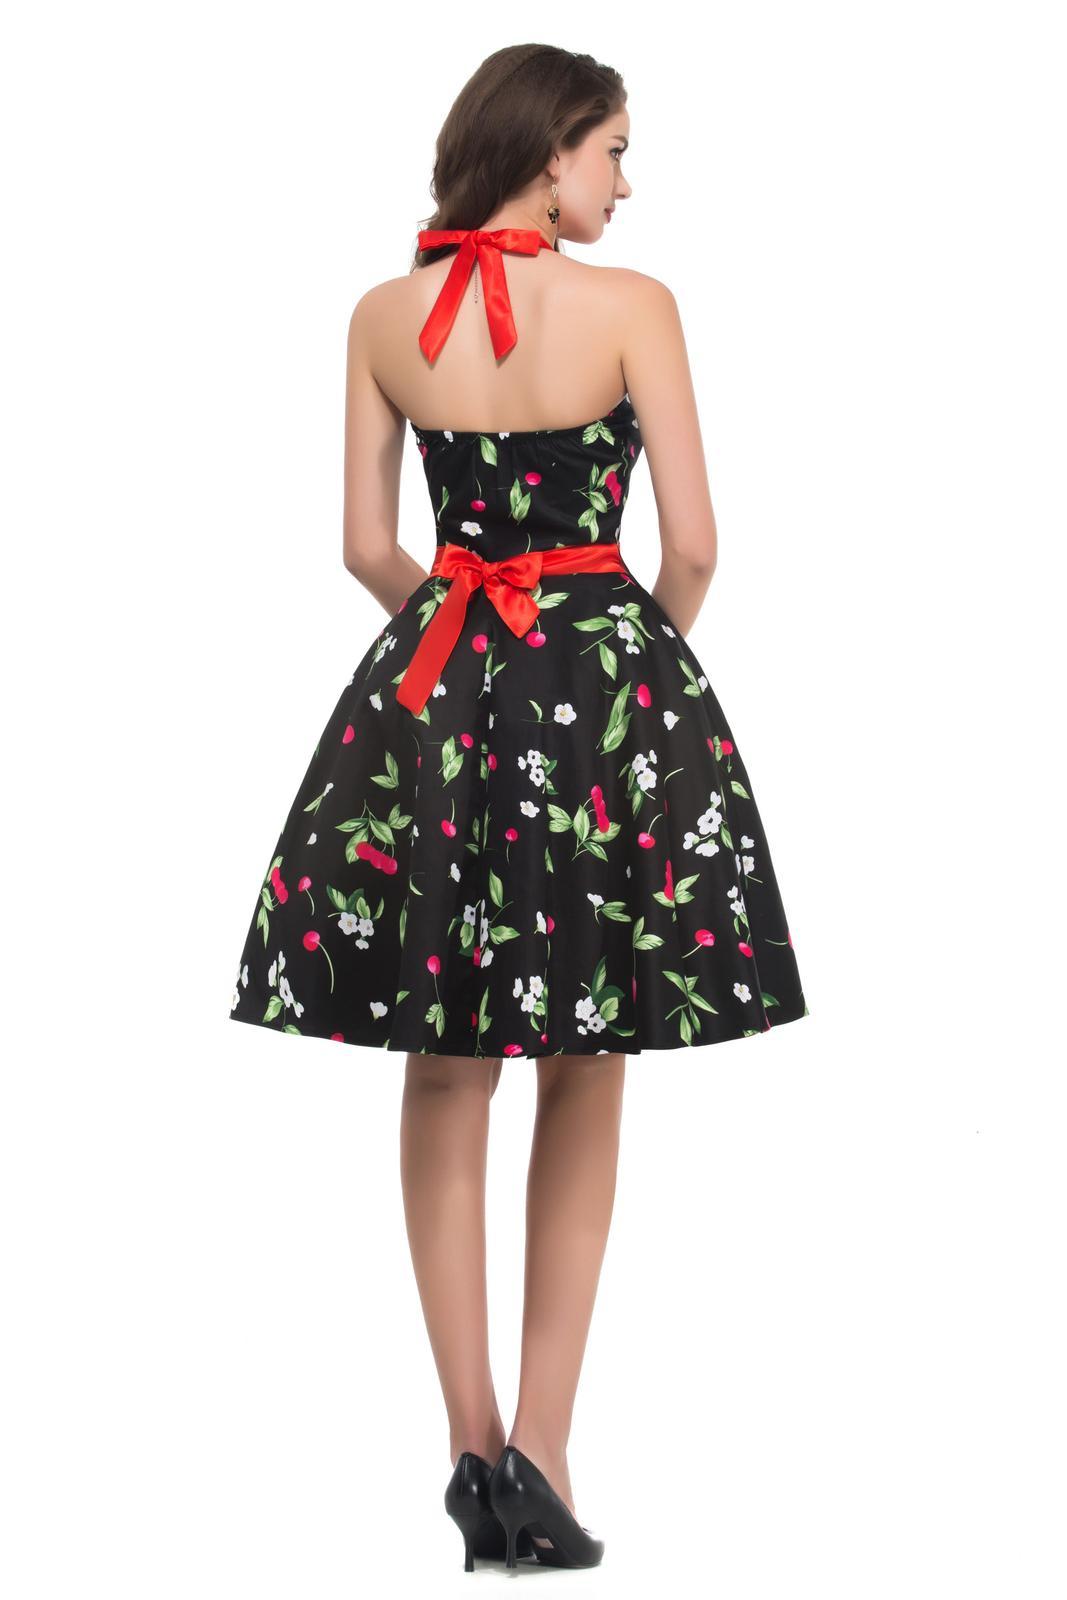 Retro šaty - Jedinečné čierne retro šaty s čerešničkami - 50. roky SKLADOM: http://salonevamaria.sk/index.php?id_category=27&controller=category NA OBJEDNÁVKU: http://salonevamaria.sk/index.php?id_category=10&controller=category